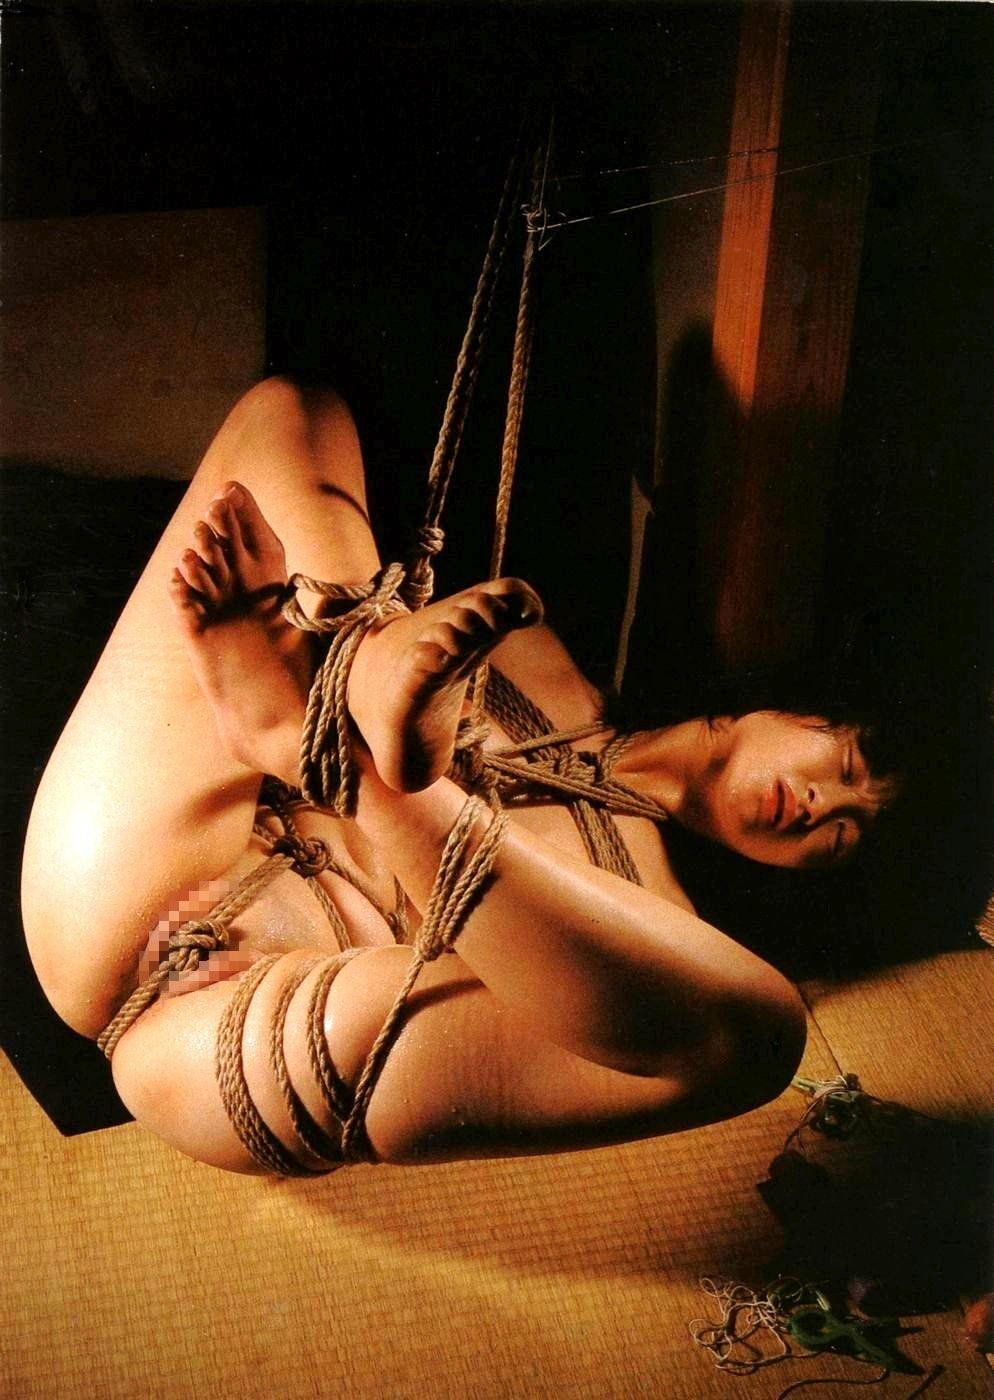 """【緊縛】プロフの緊縛師が披露する """" 胡坐縛り """" とかいう匠の技をご覧下さい。(画像30枚)・22枚目"""